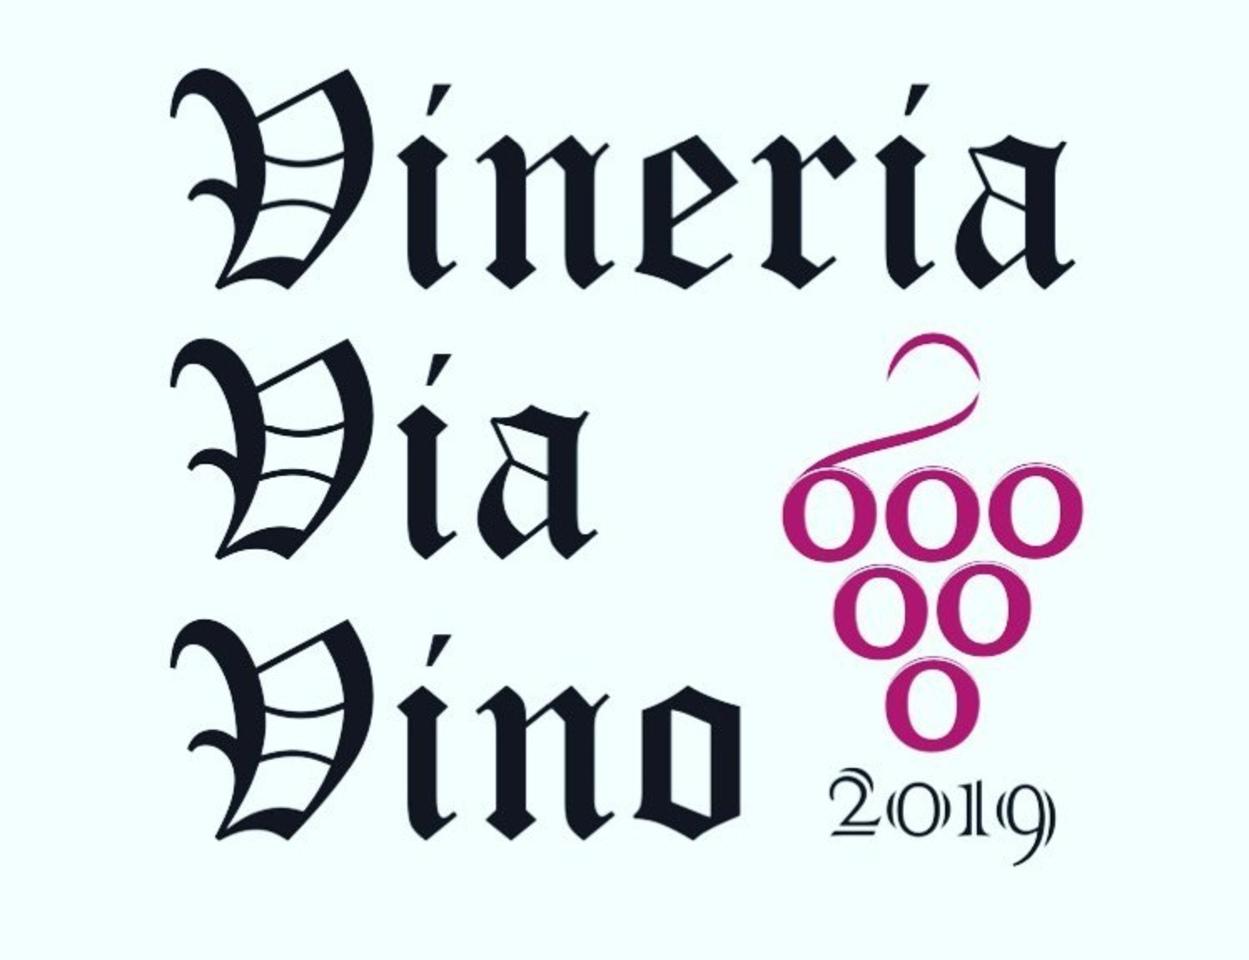 大阪市中央区の本町駅近くにワインバー「ヴィネリア ヴィア ヴィーノ」がオープンされたようです。